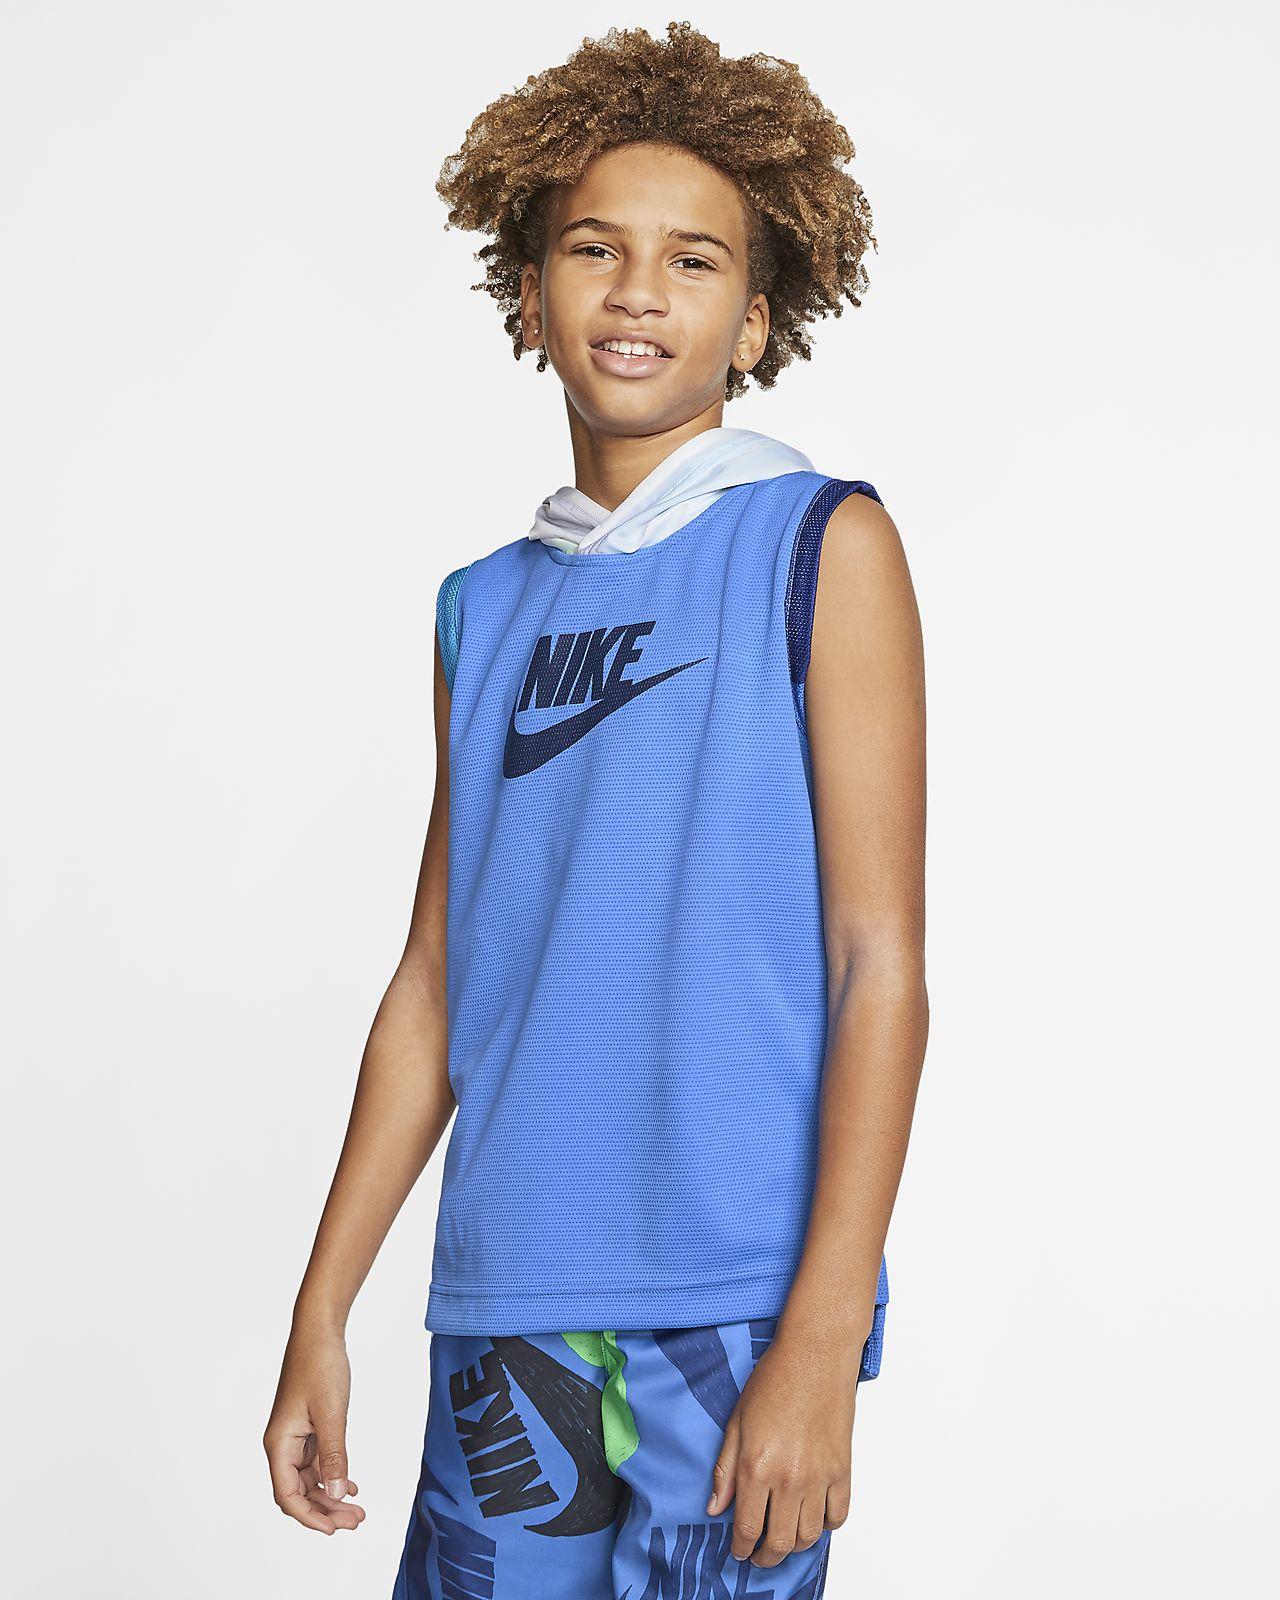 เสื้อแขนกุดเด็กโต Nike Sportswear (ชาย)